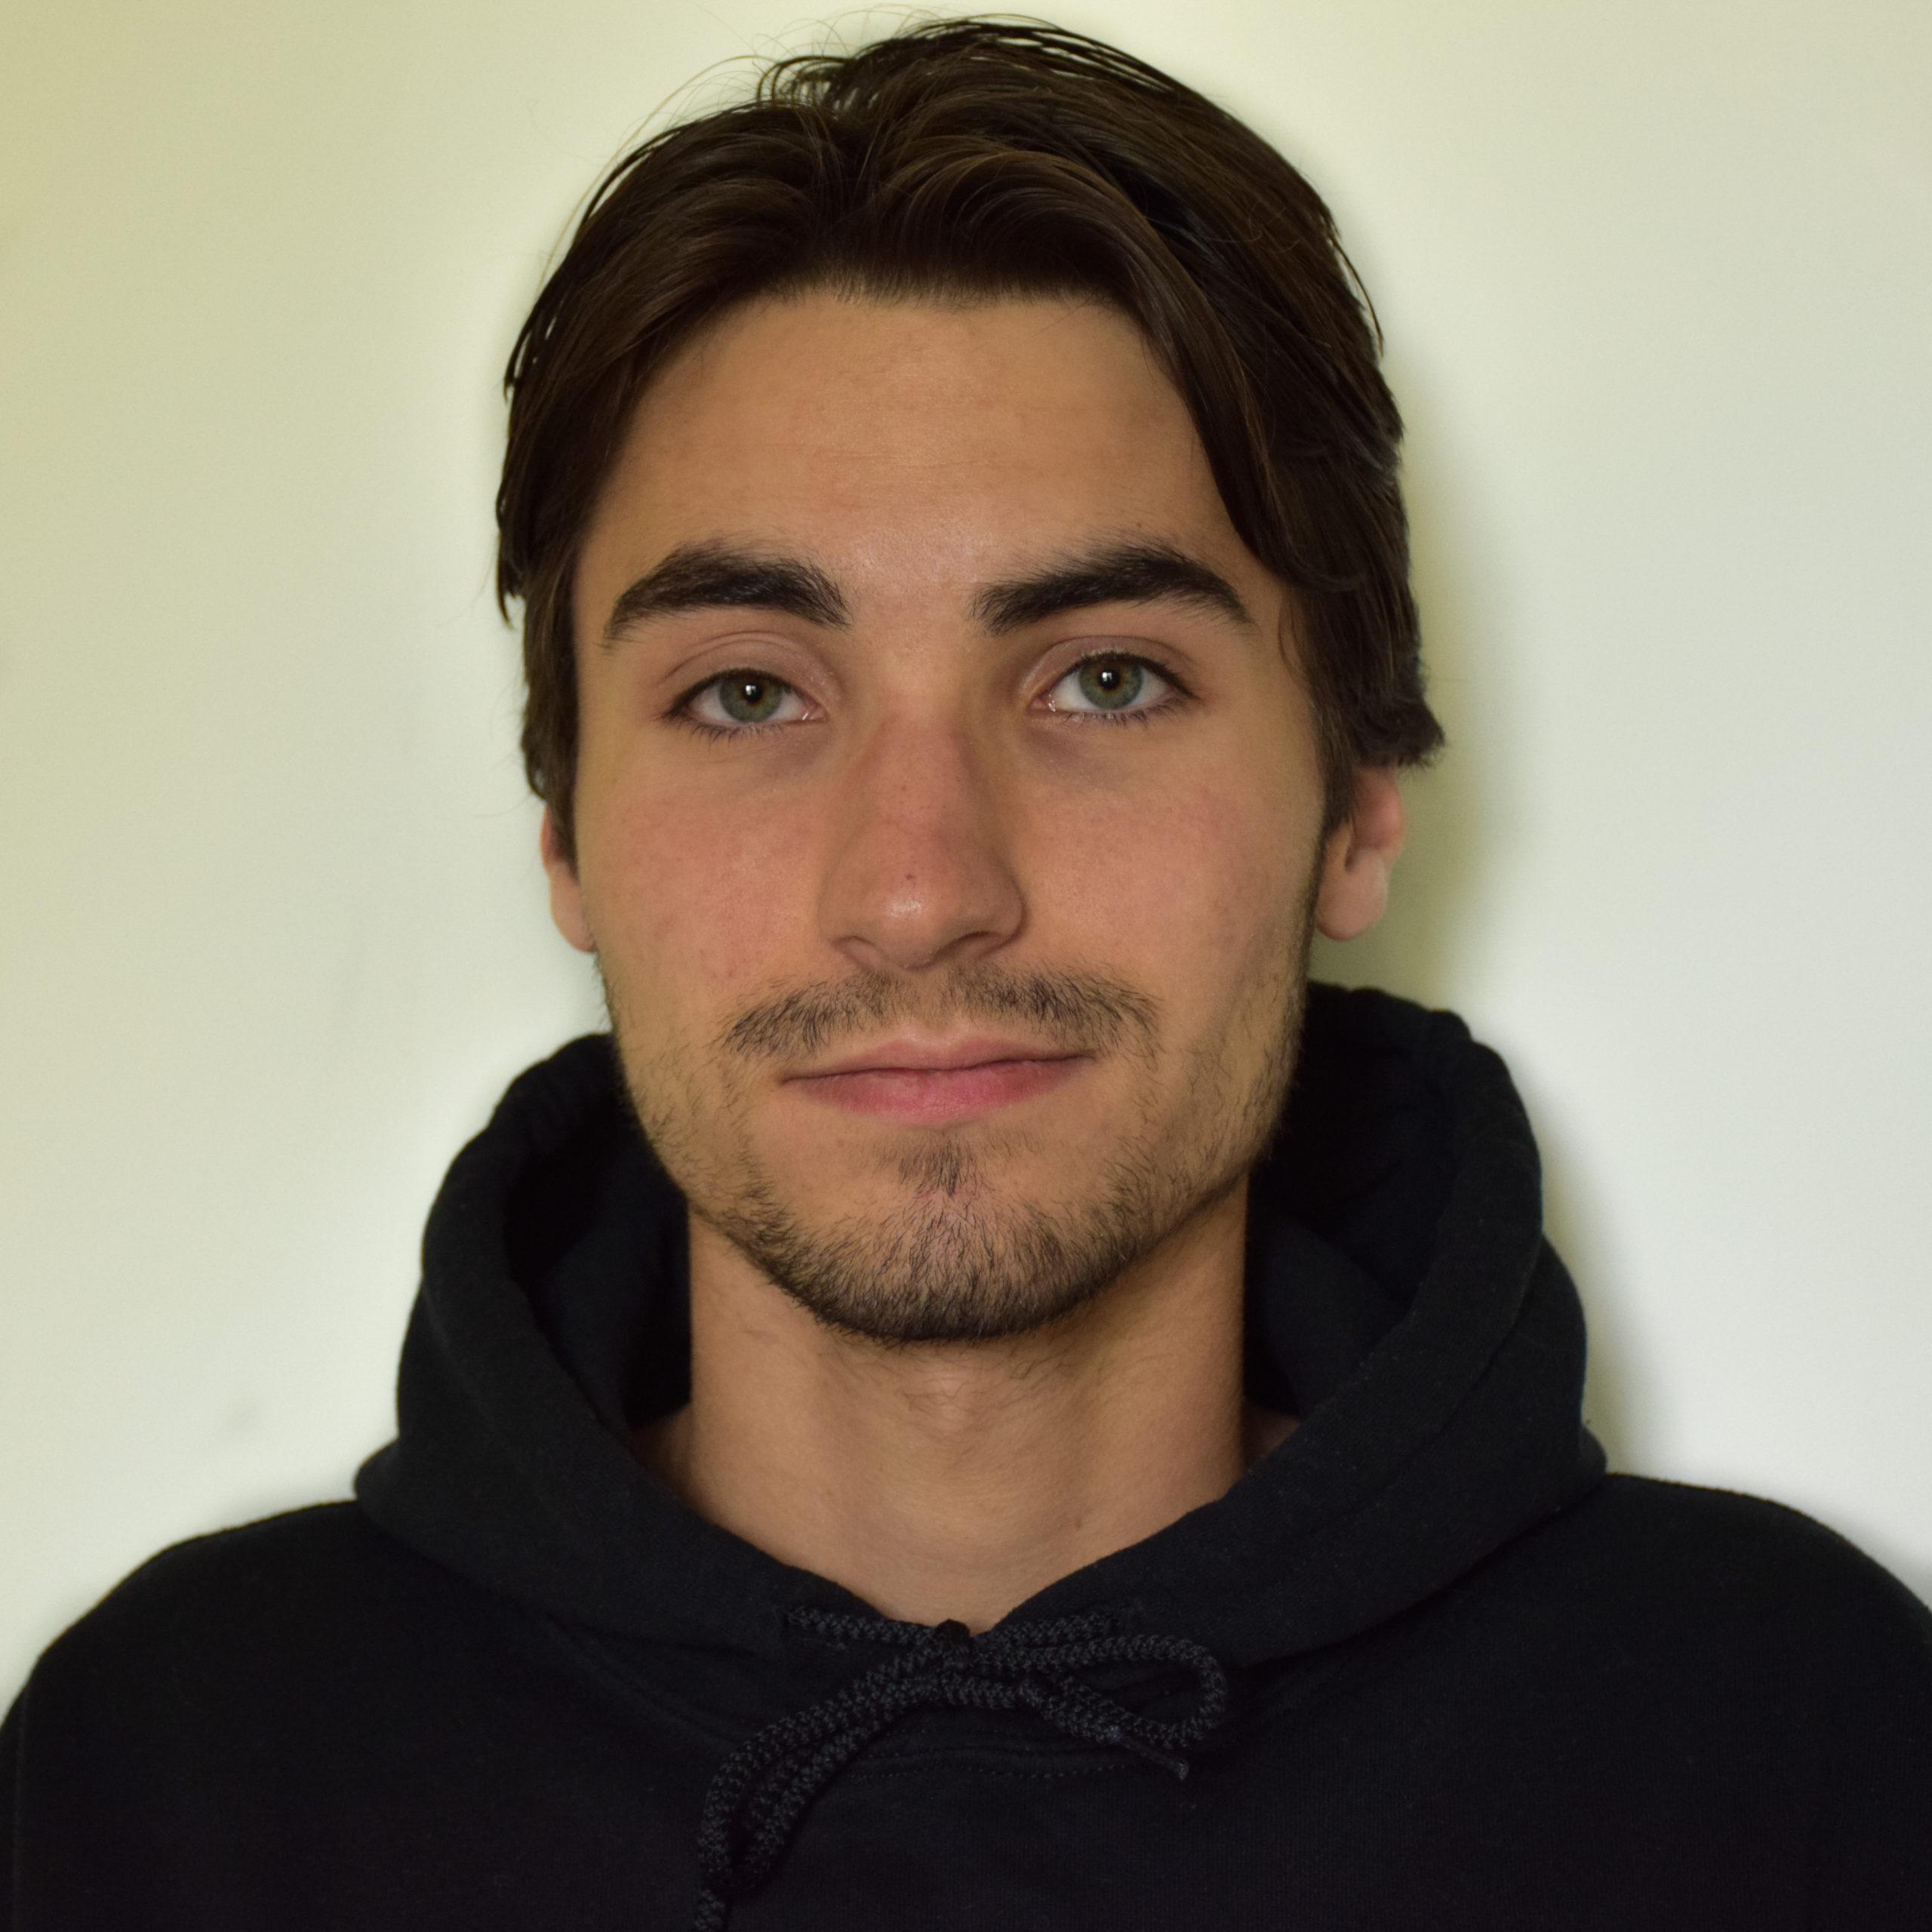 Vincent Molinari